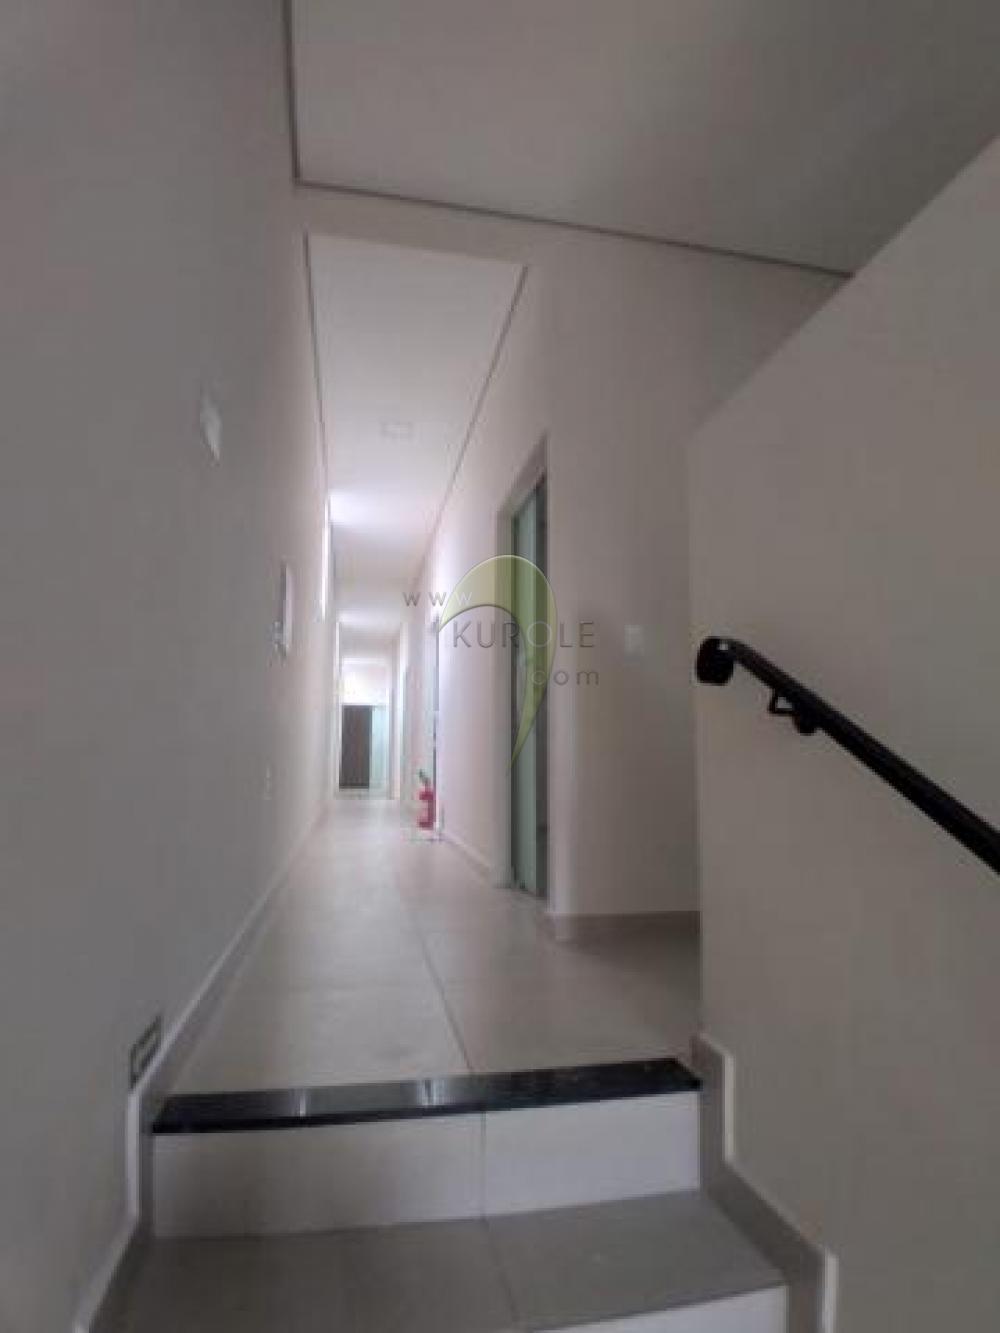 alt='Comprar Apartamento / Cobertura em Pradópolis R$ 150.000,00 - Foto 5' title='Comprar Apartamento / Cobertura em Pradópolis R$ 150.000,00 - Foto 5'